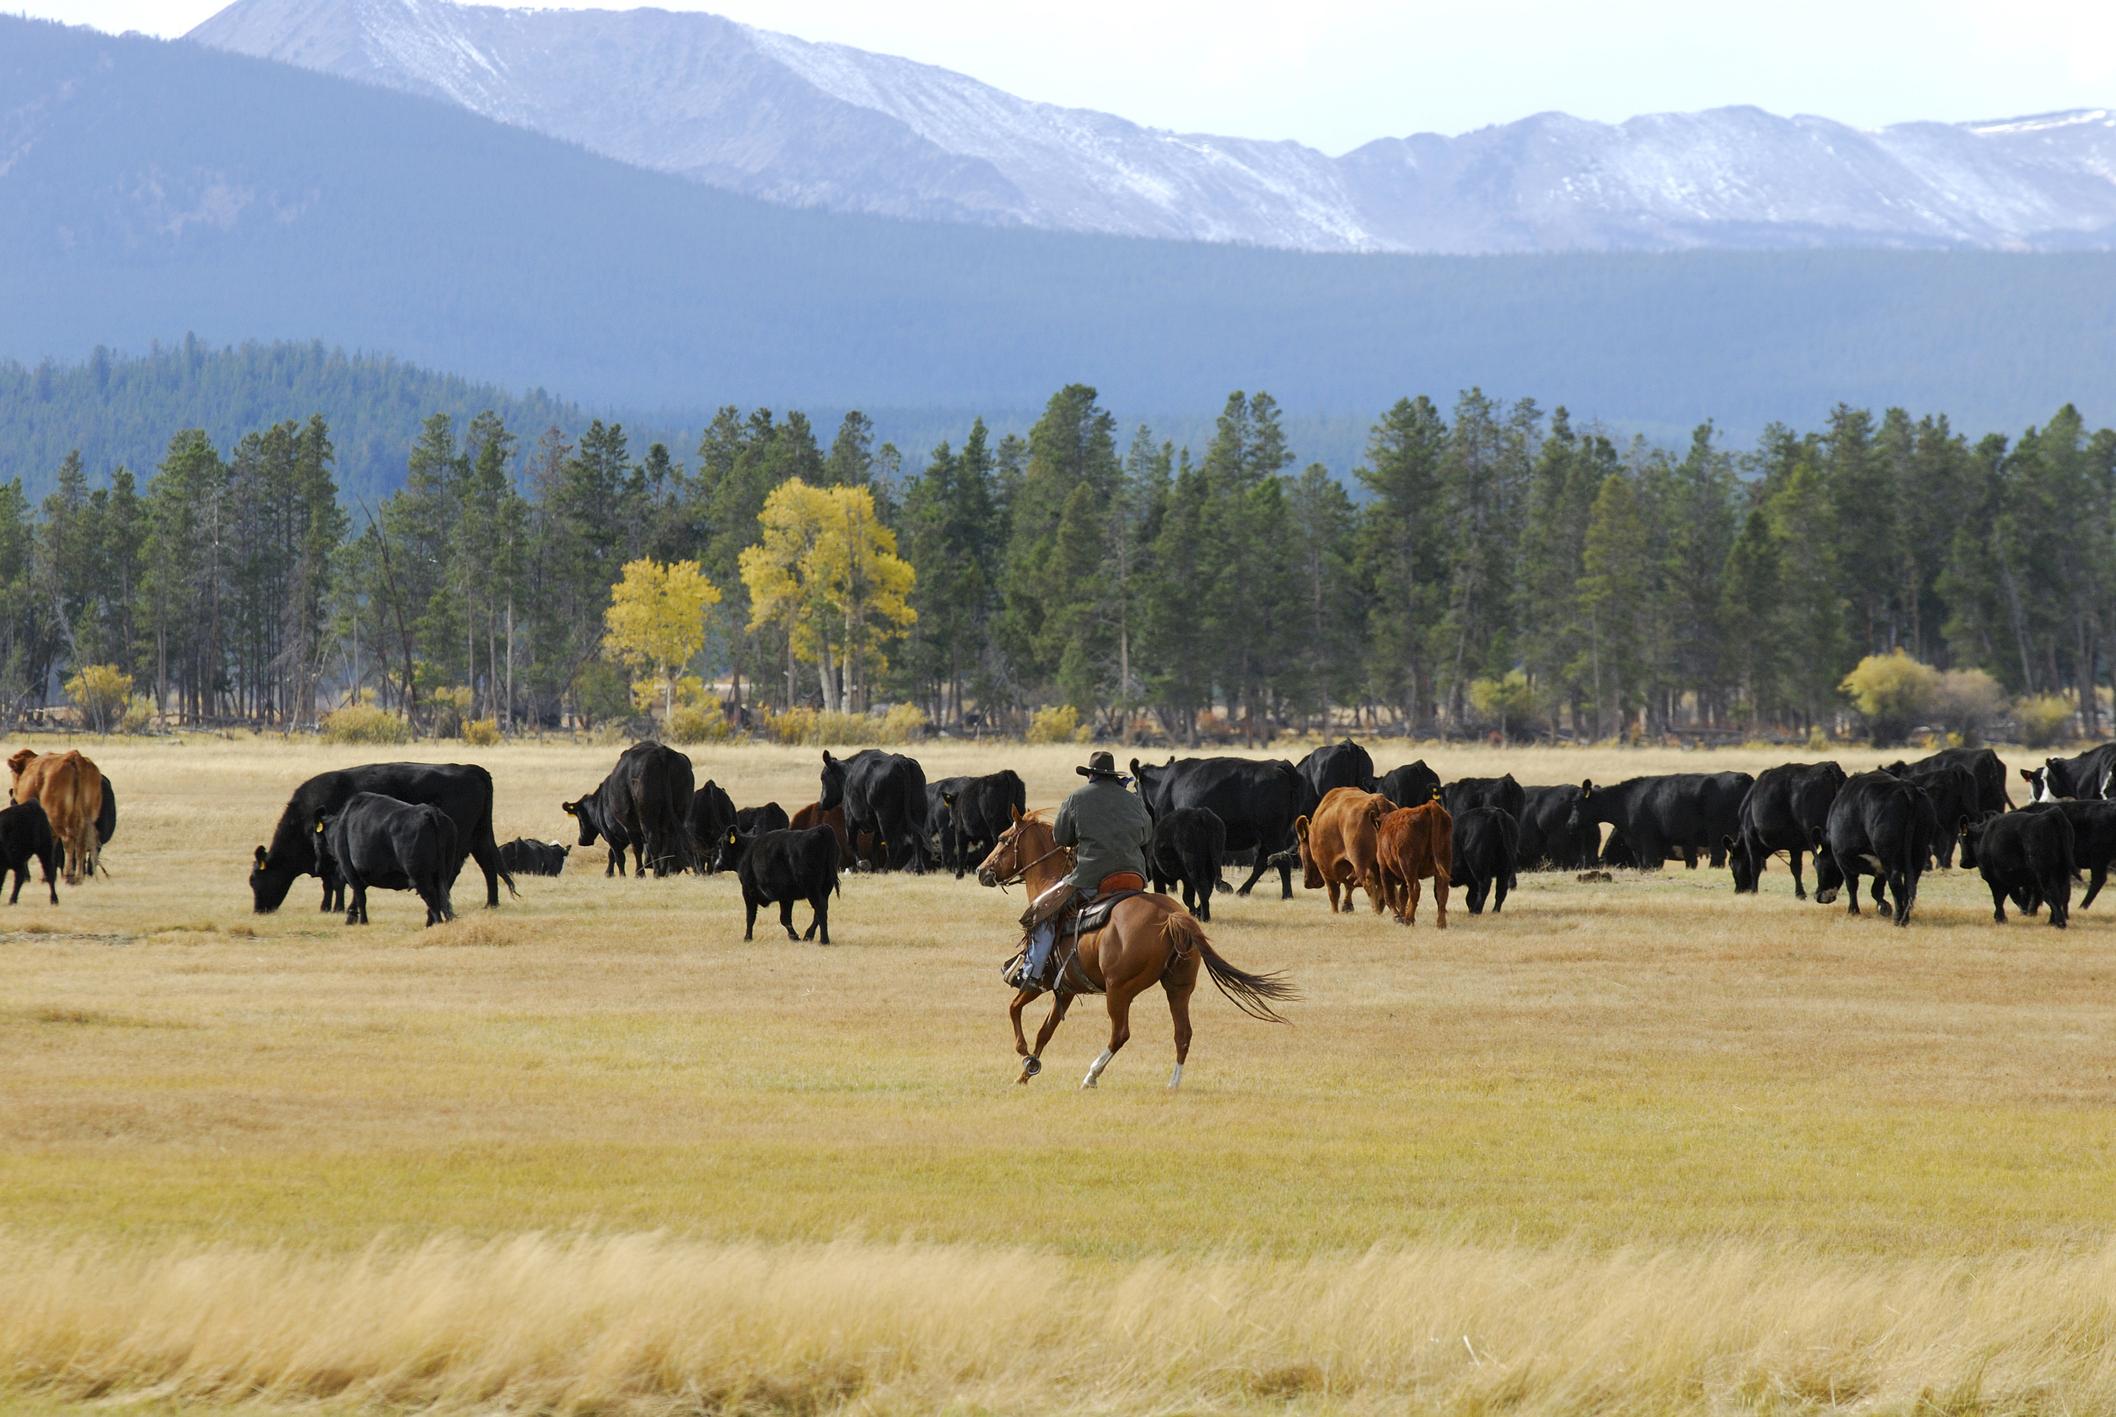 A horseman riding through a herd of cattle